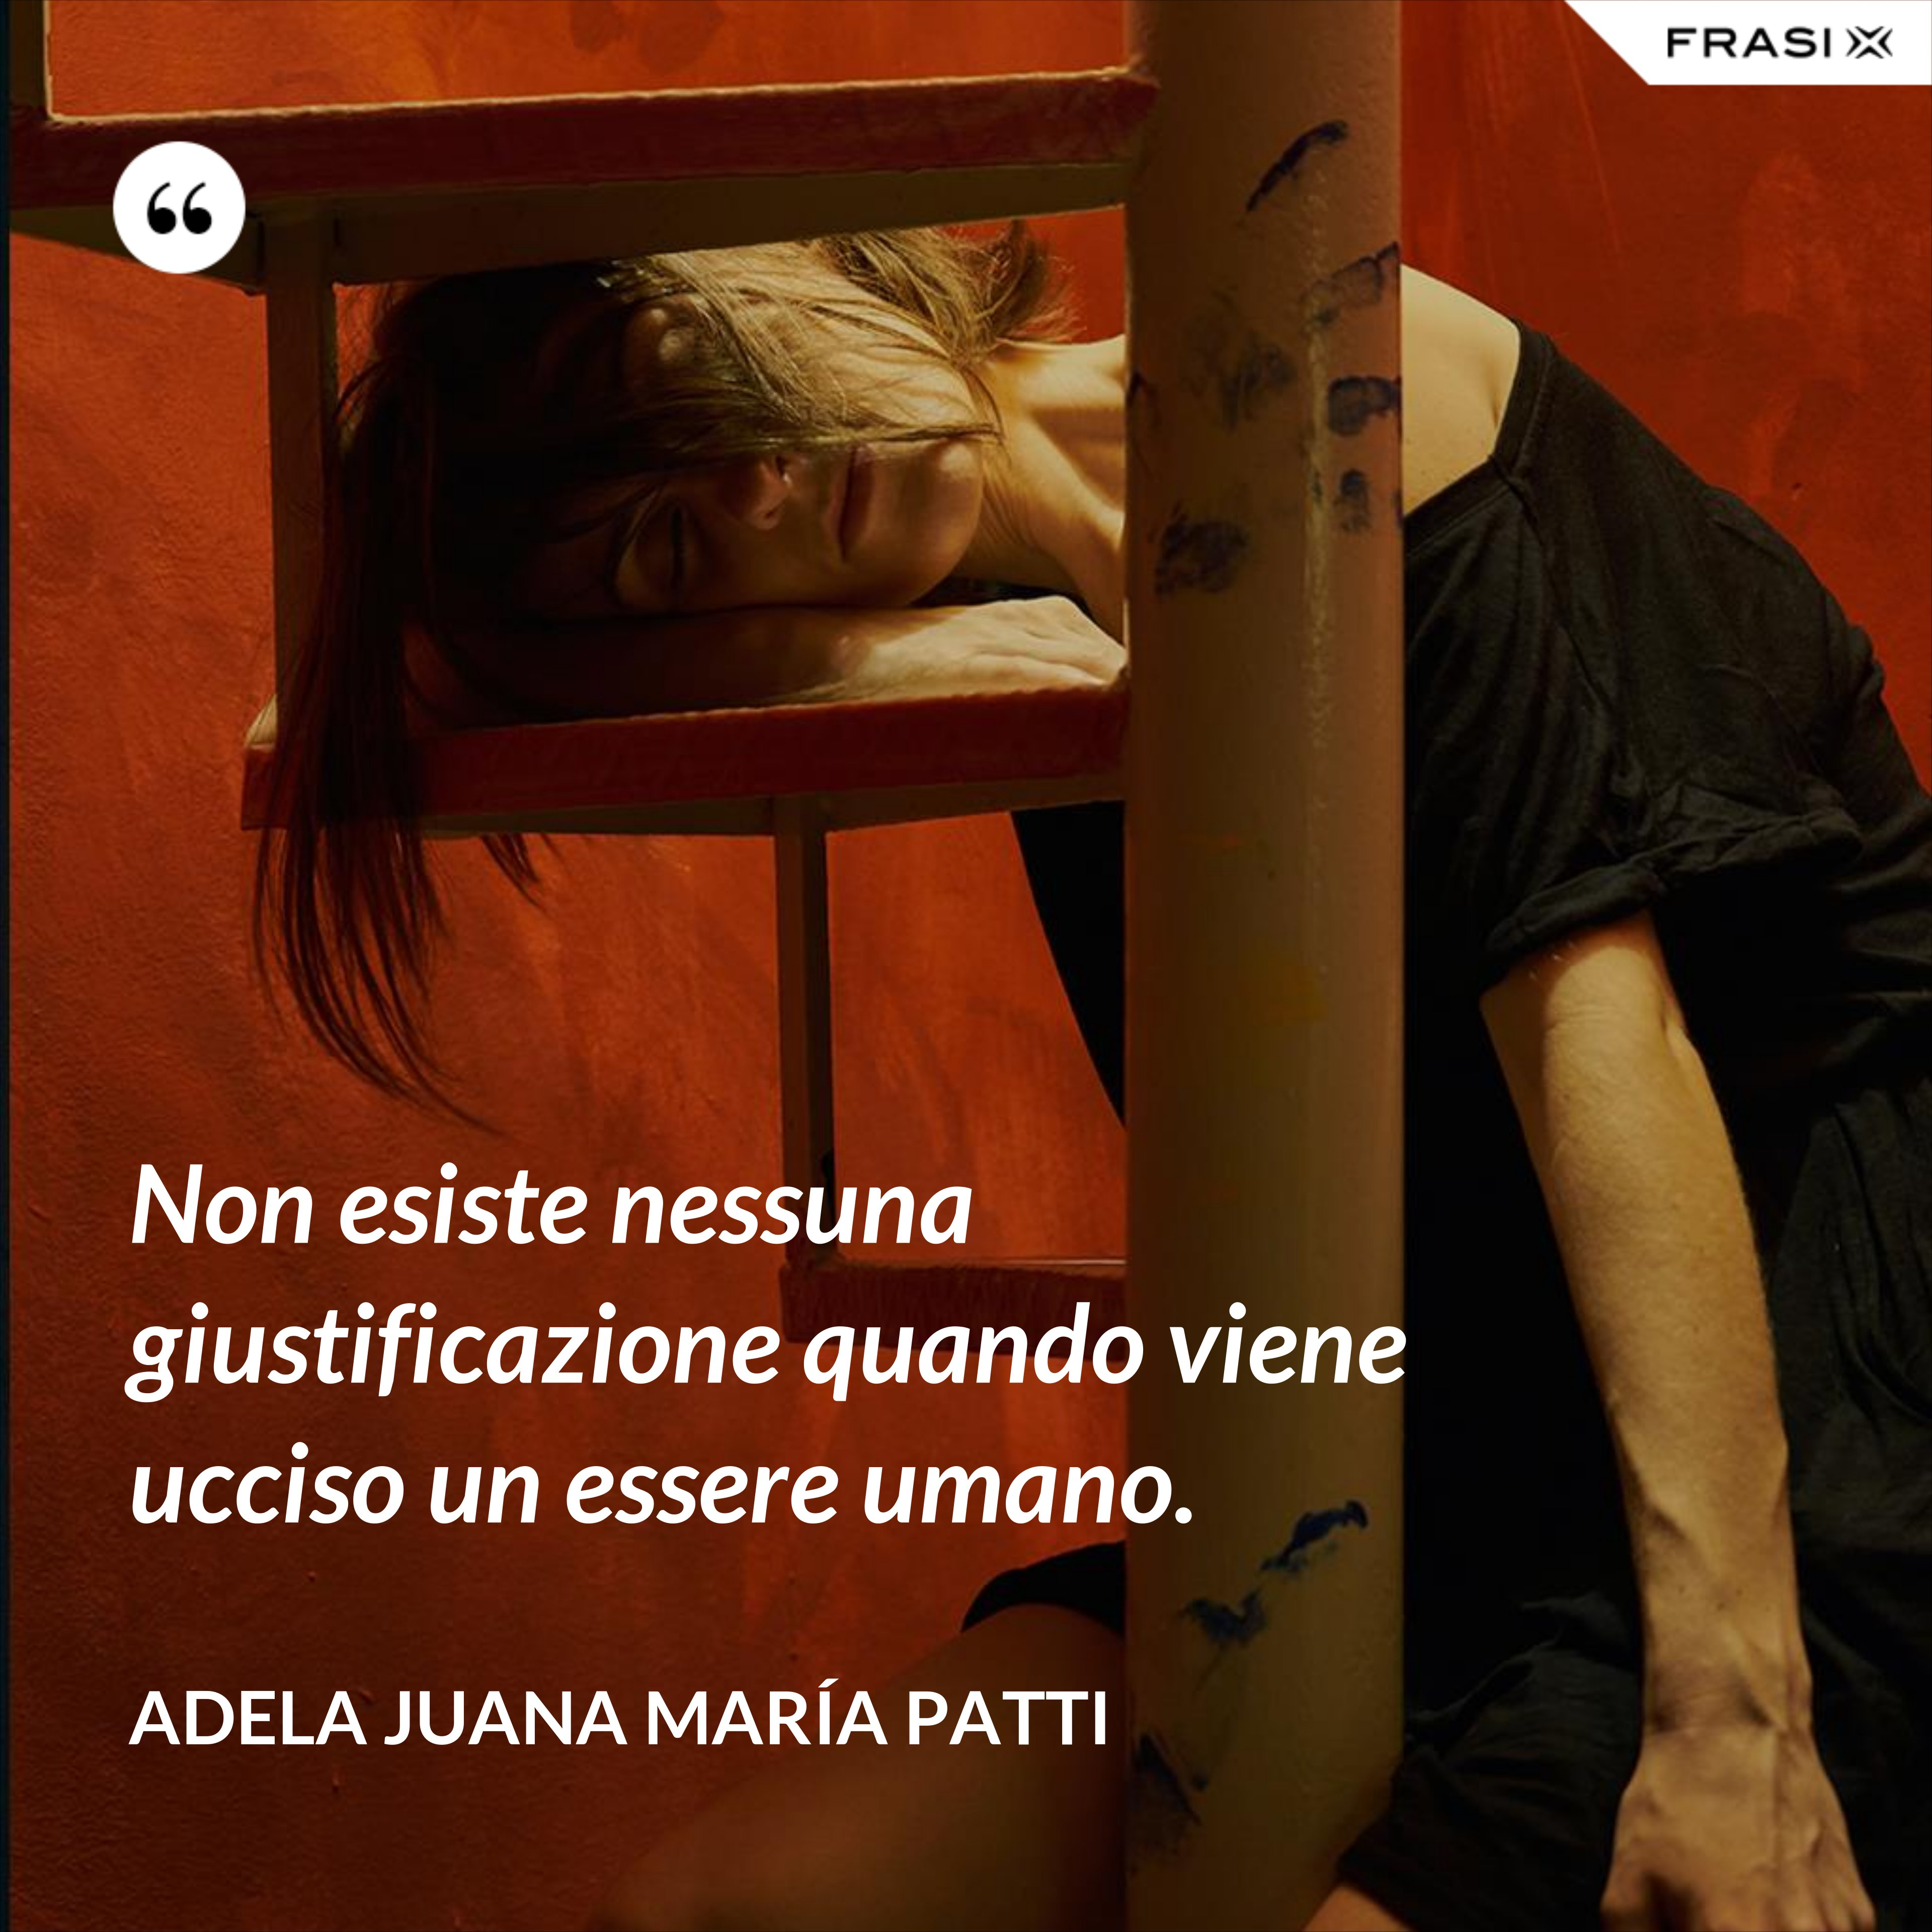 Non esiste nessuna giustificazione quando viene ucciso un essere umano. - Adela Juana María Patti